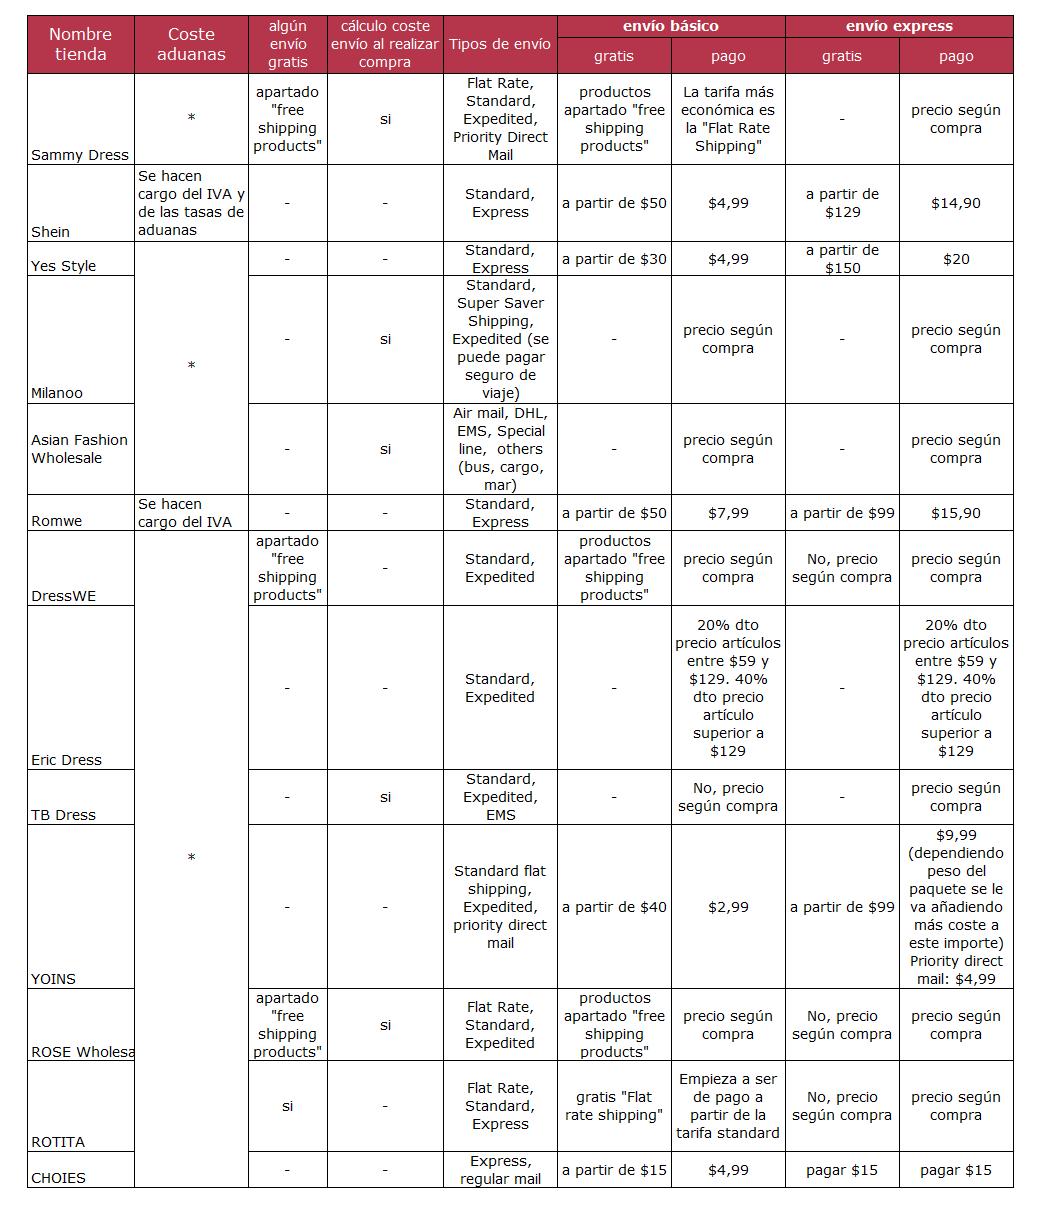 Costes de envío según distintas tiendas de ropa online